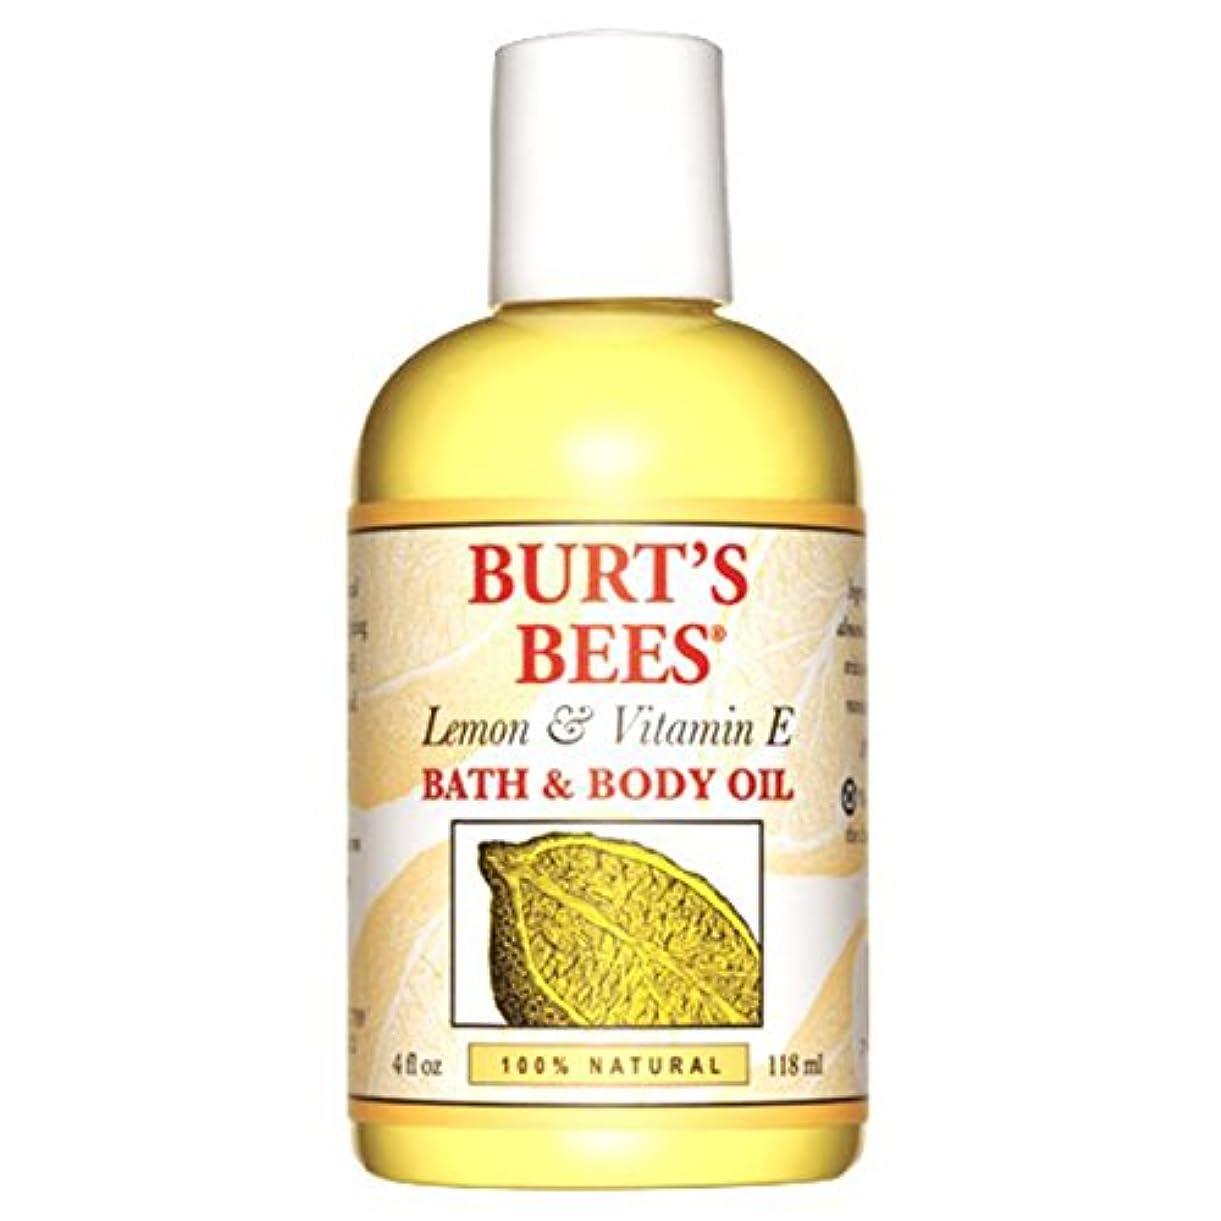 ジョージバーナード閲覧する単調なバーツビーズ (Burt's Bees) L&E バス&ボディオイル 118ml